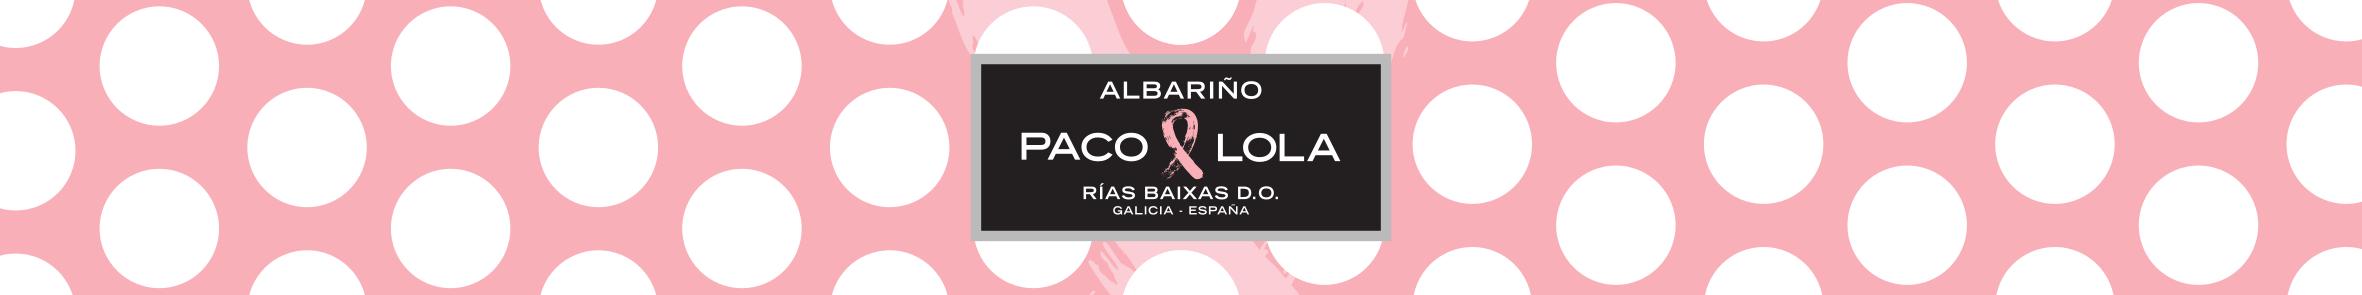 Lucha contra el Cáncer Paco & Lola LCC